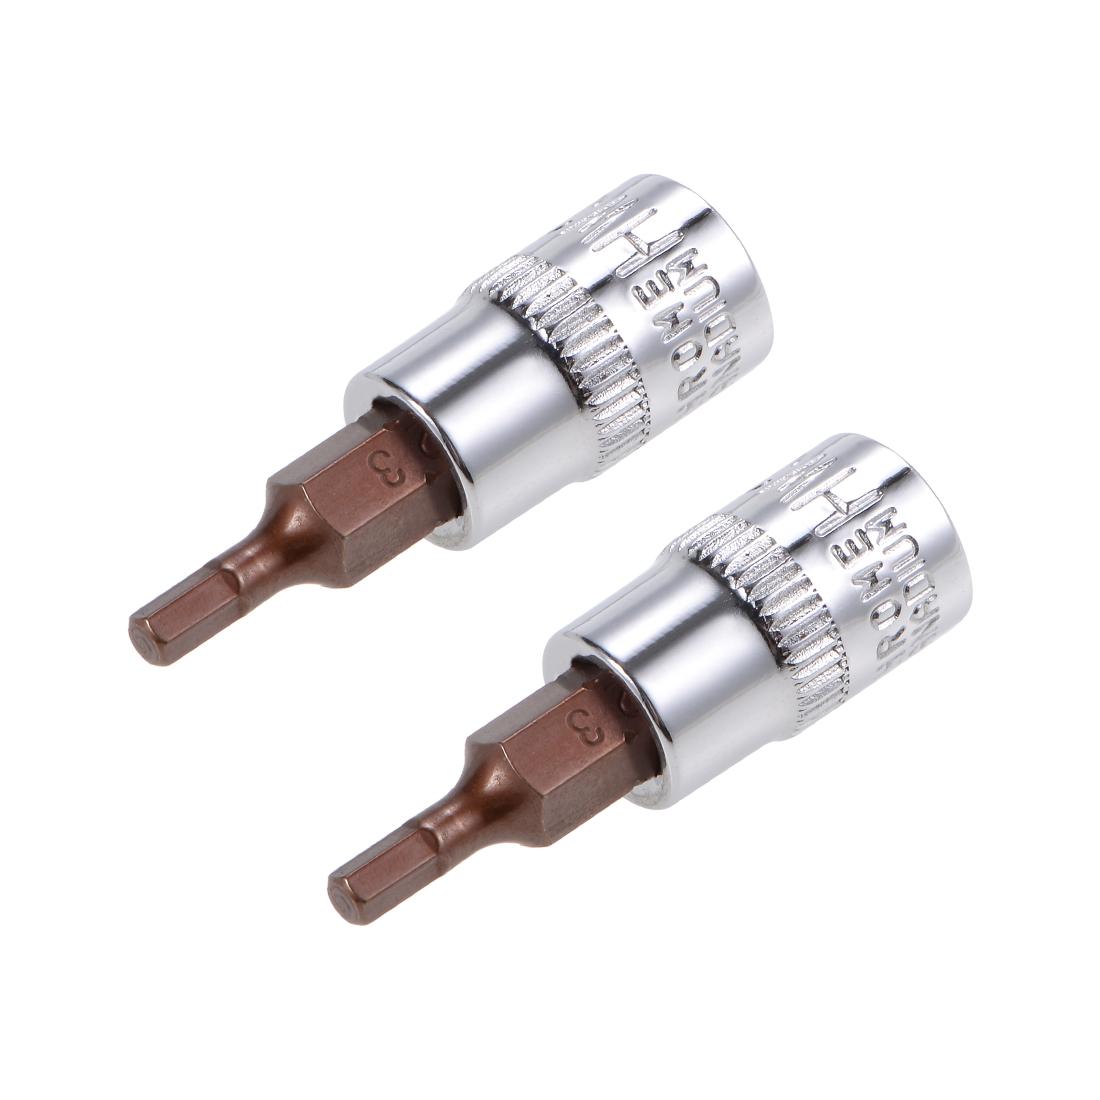 """2 Pcs 1/4"""" Drive x 3mm Hex Bit Socket, Standard Metric, S2 & Cr-V Steel"""